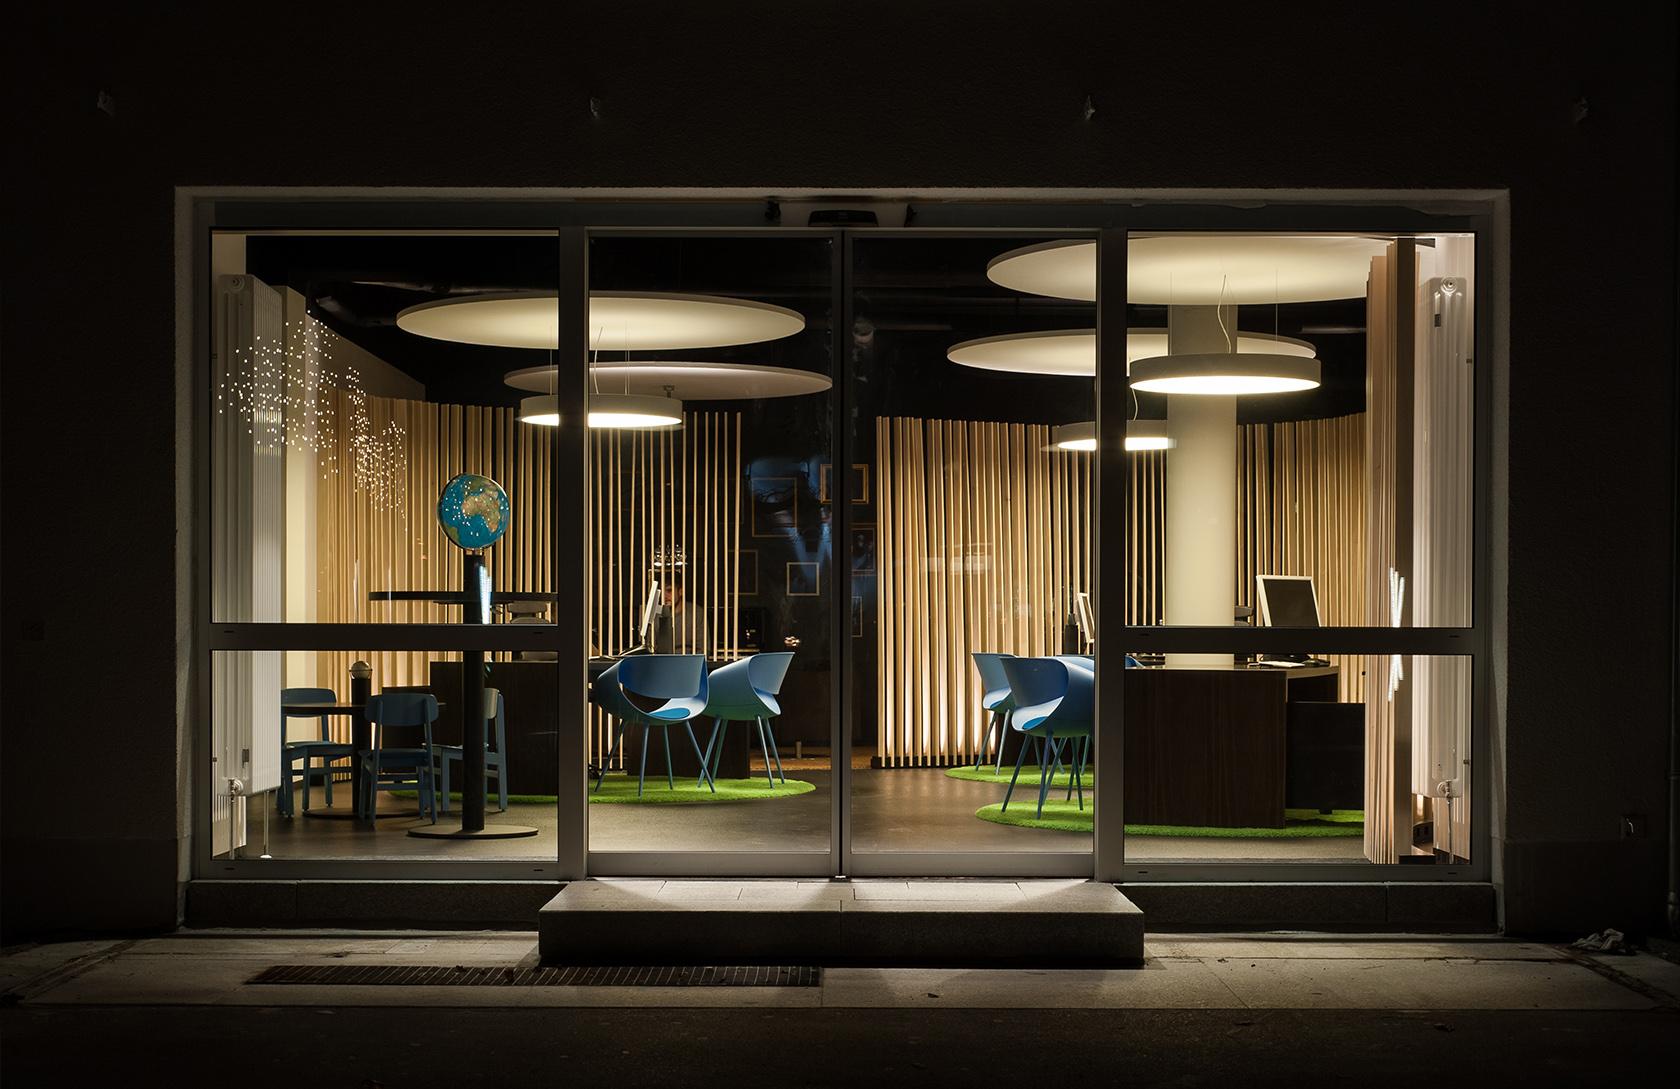 Büroeinrichtung 6 Ladenbau Steck & Müller